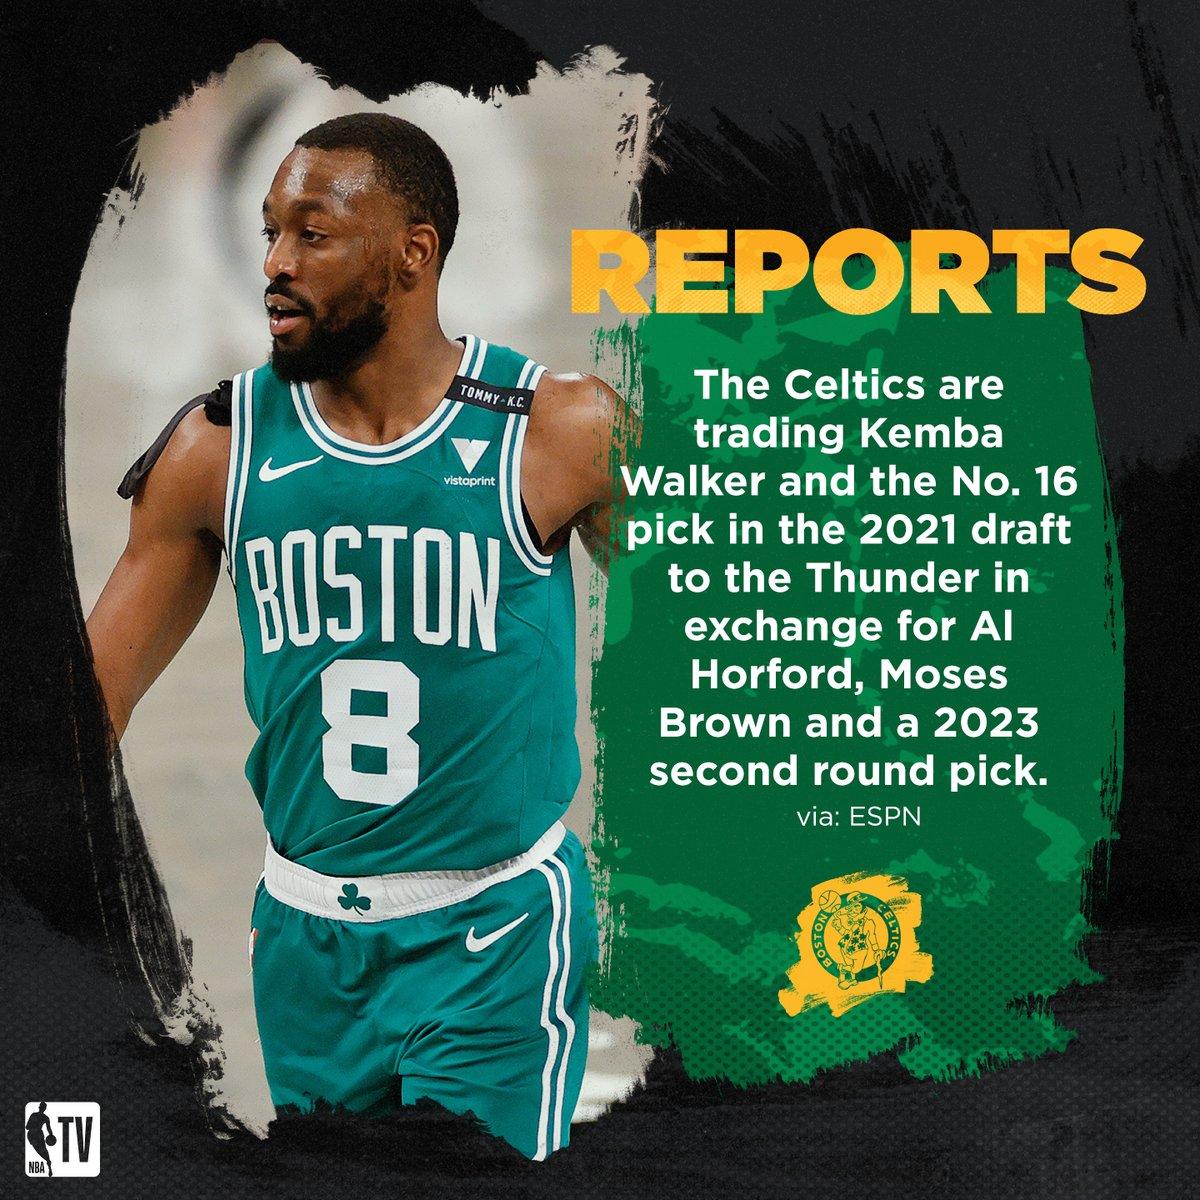 @NBATV's photo on Kemba